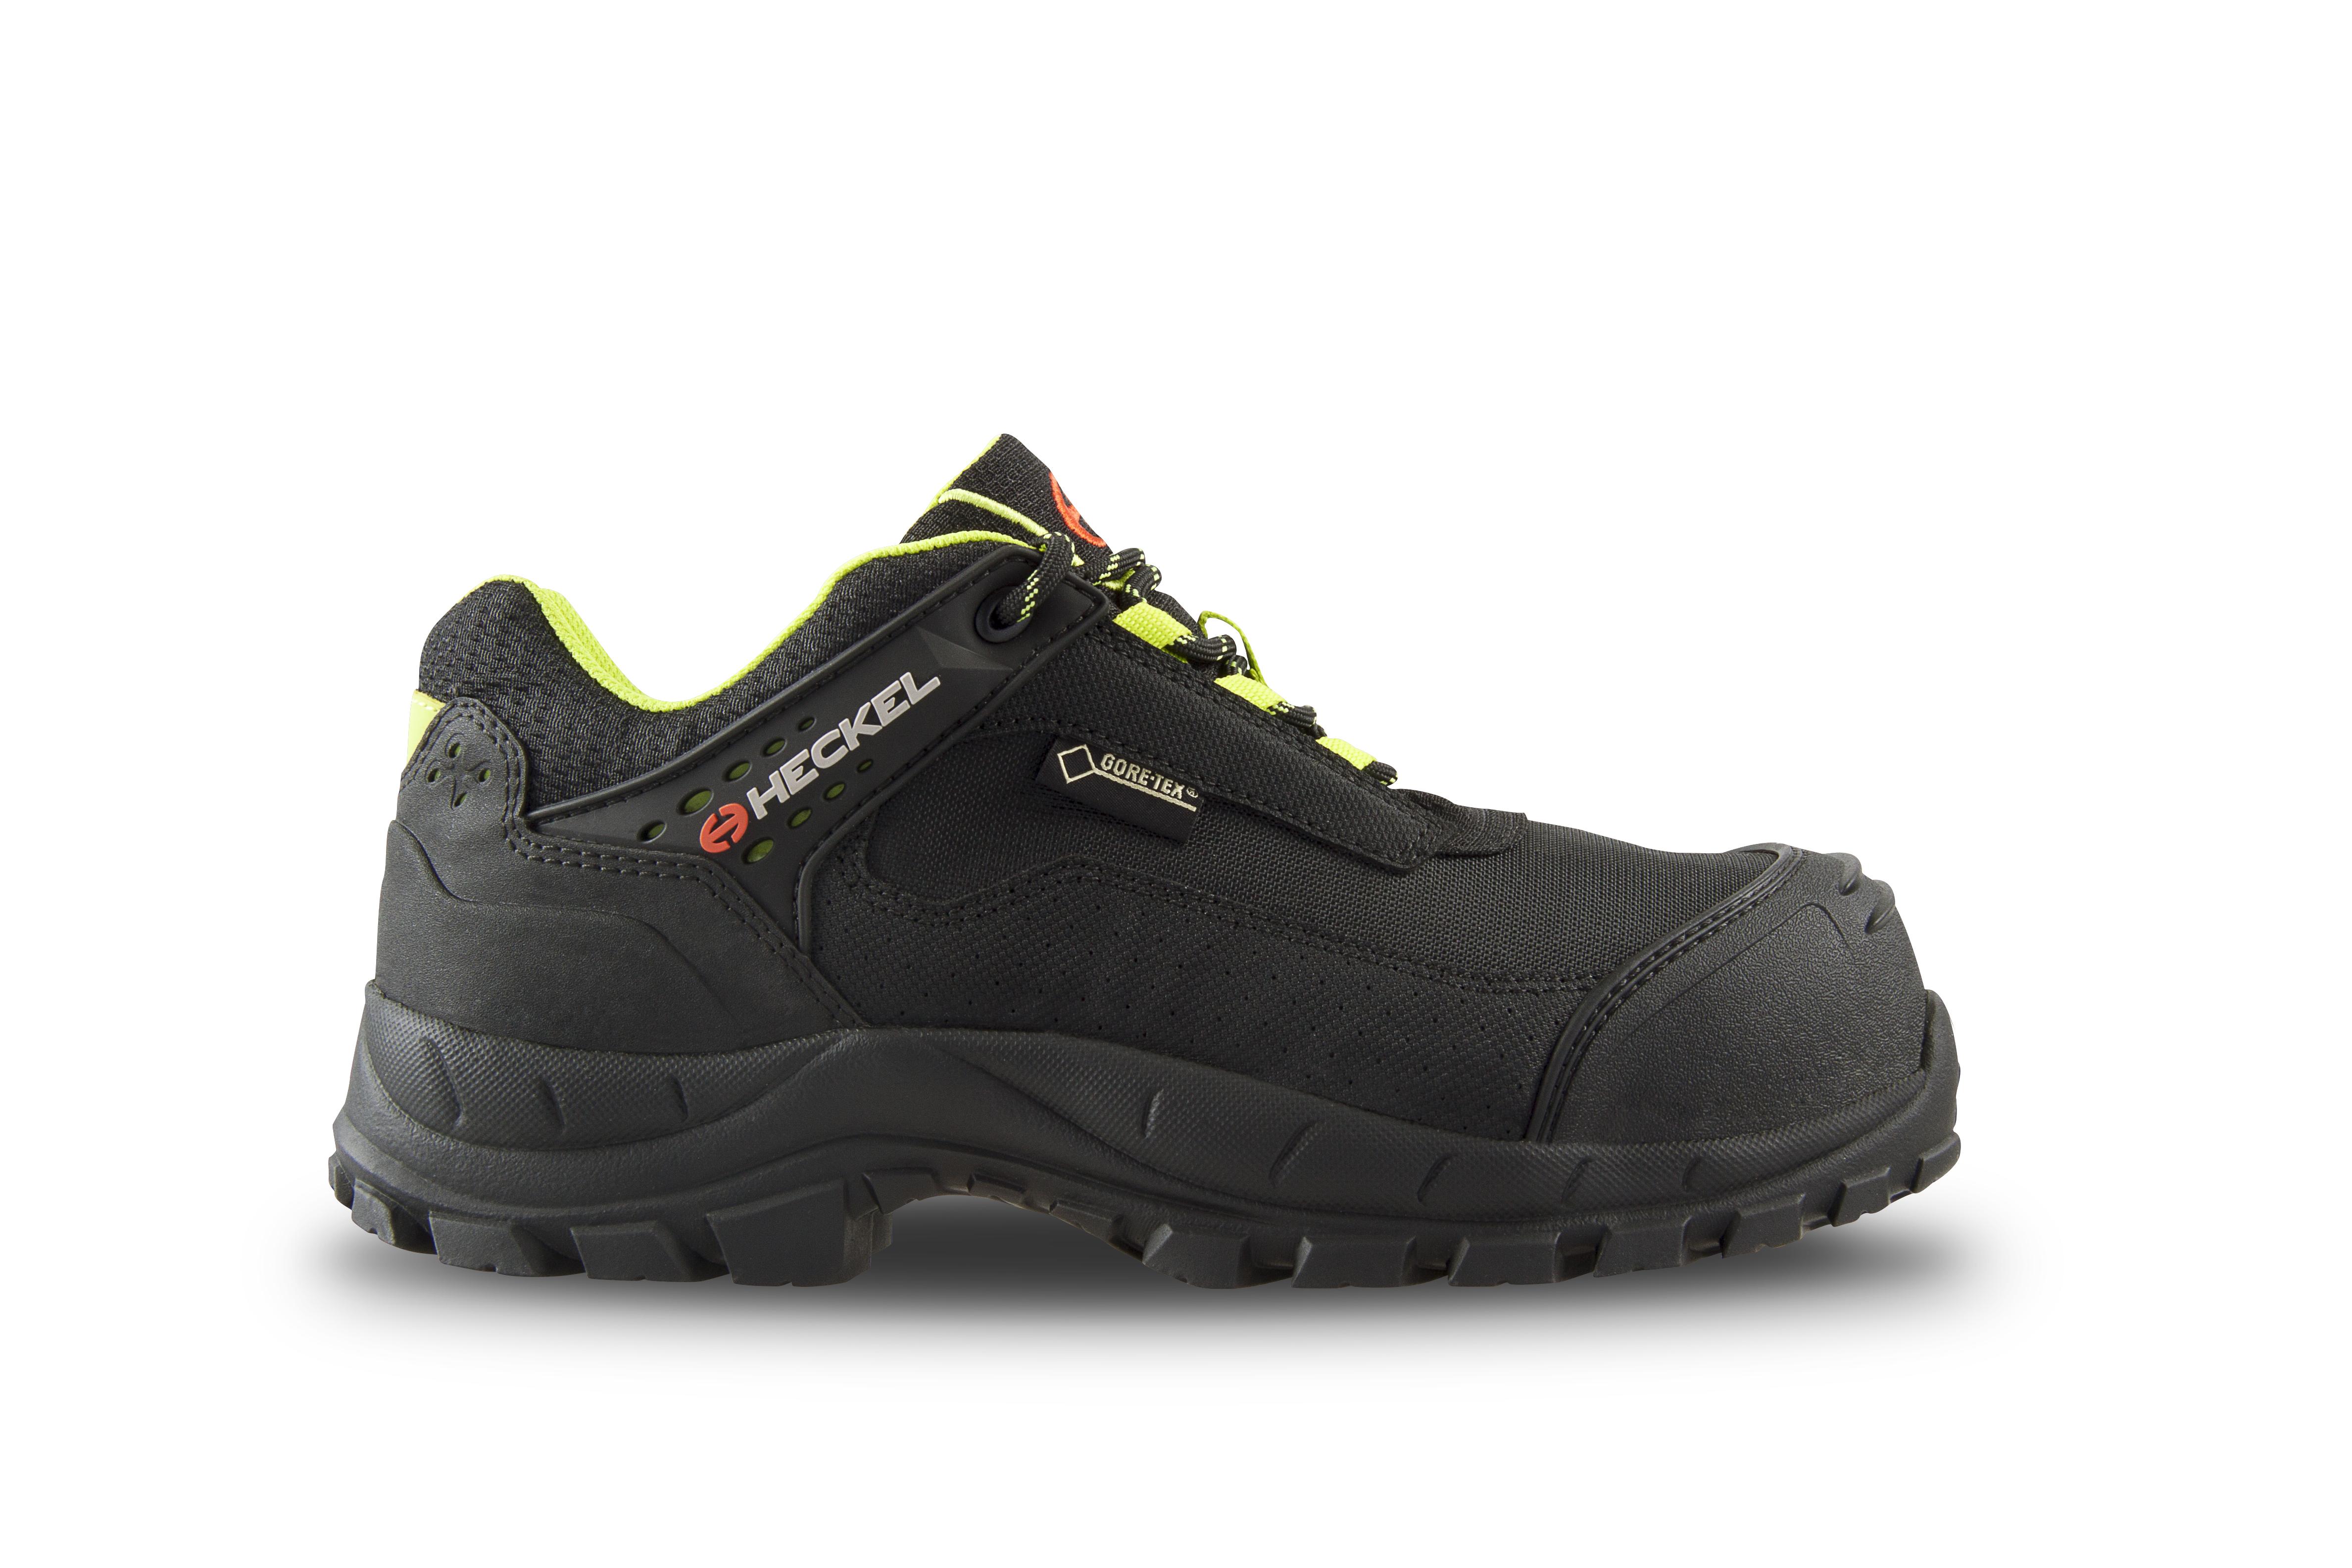 """""""Chaussure de sécurité basse Gore-Tex MACEXPEDITION 2.0 low - profil"""""""